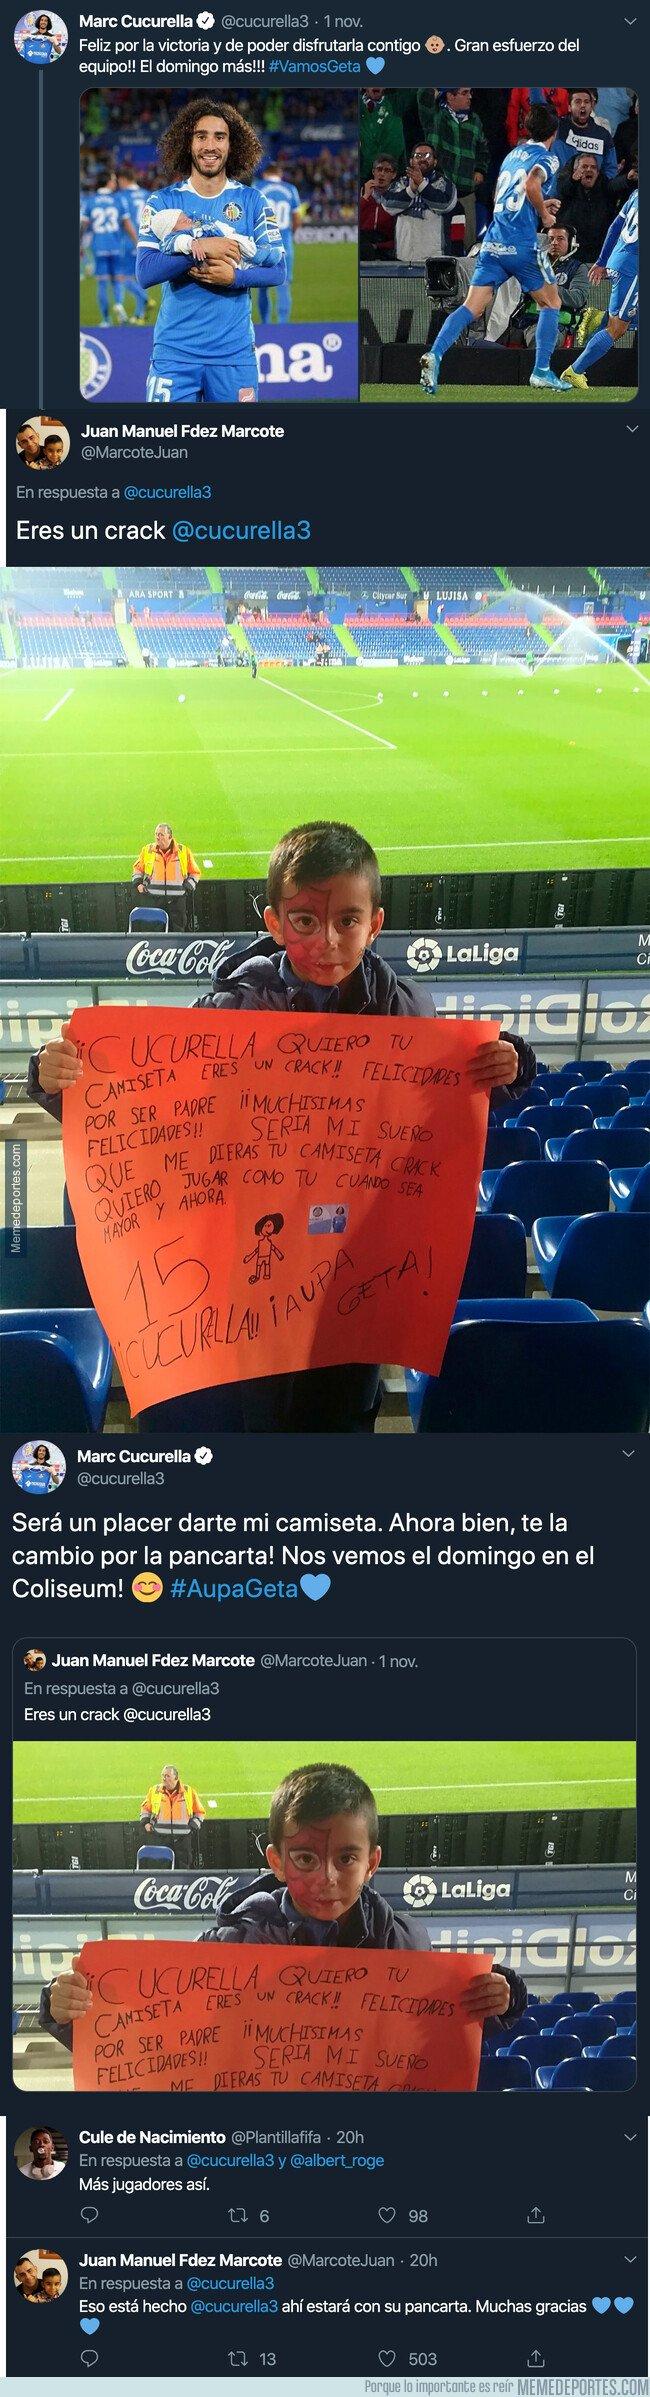 1090477 - El enorme gesto de Marc Cucurella con un joven aficionado del Getafe que le pidió su camiseta en una pancarta